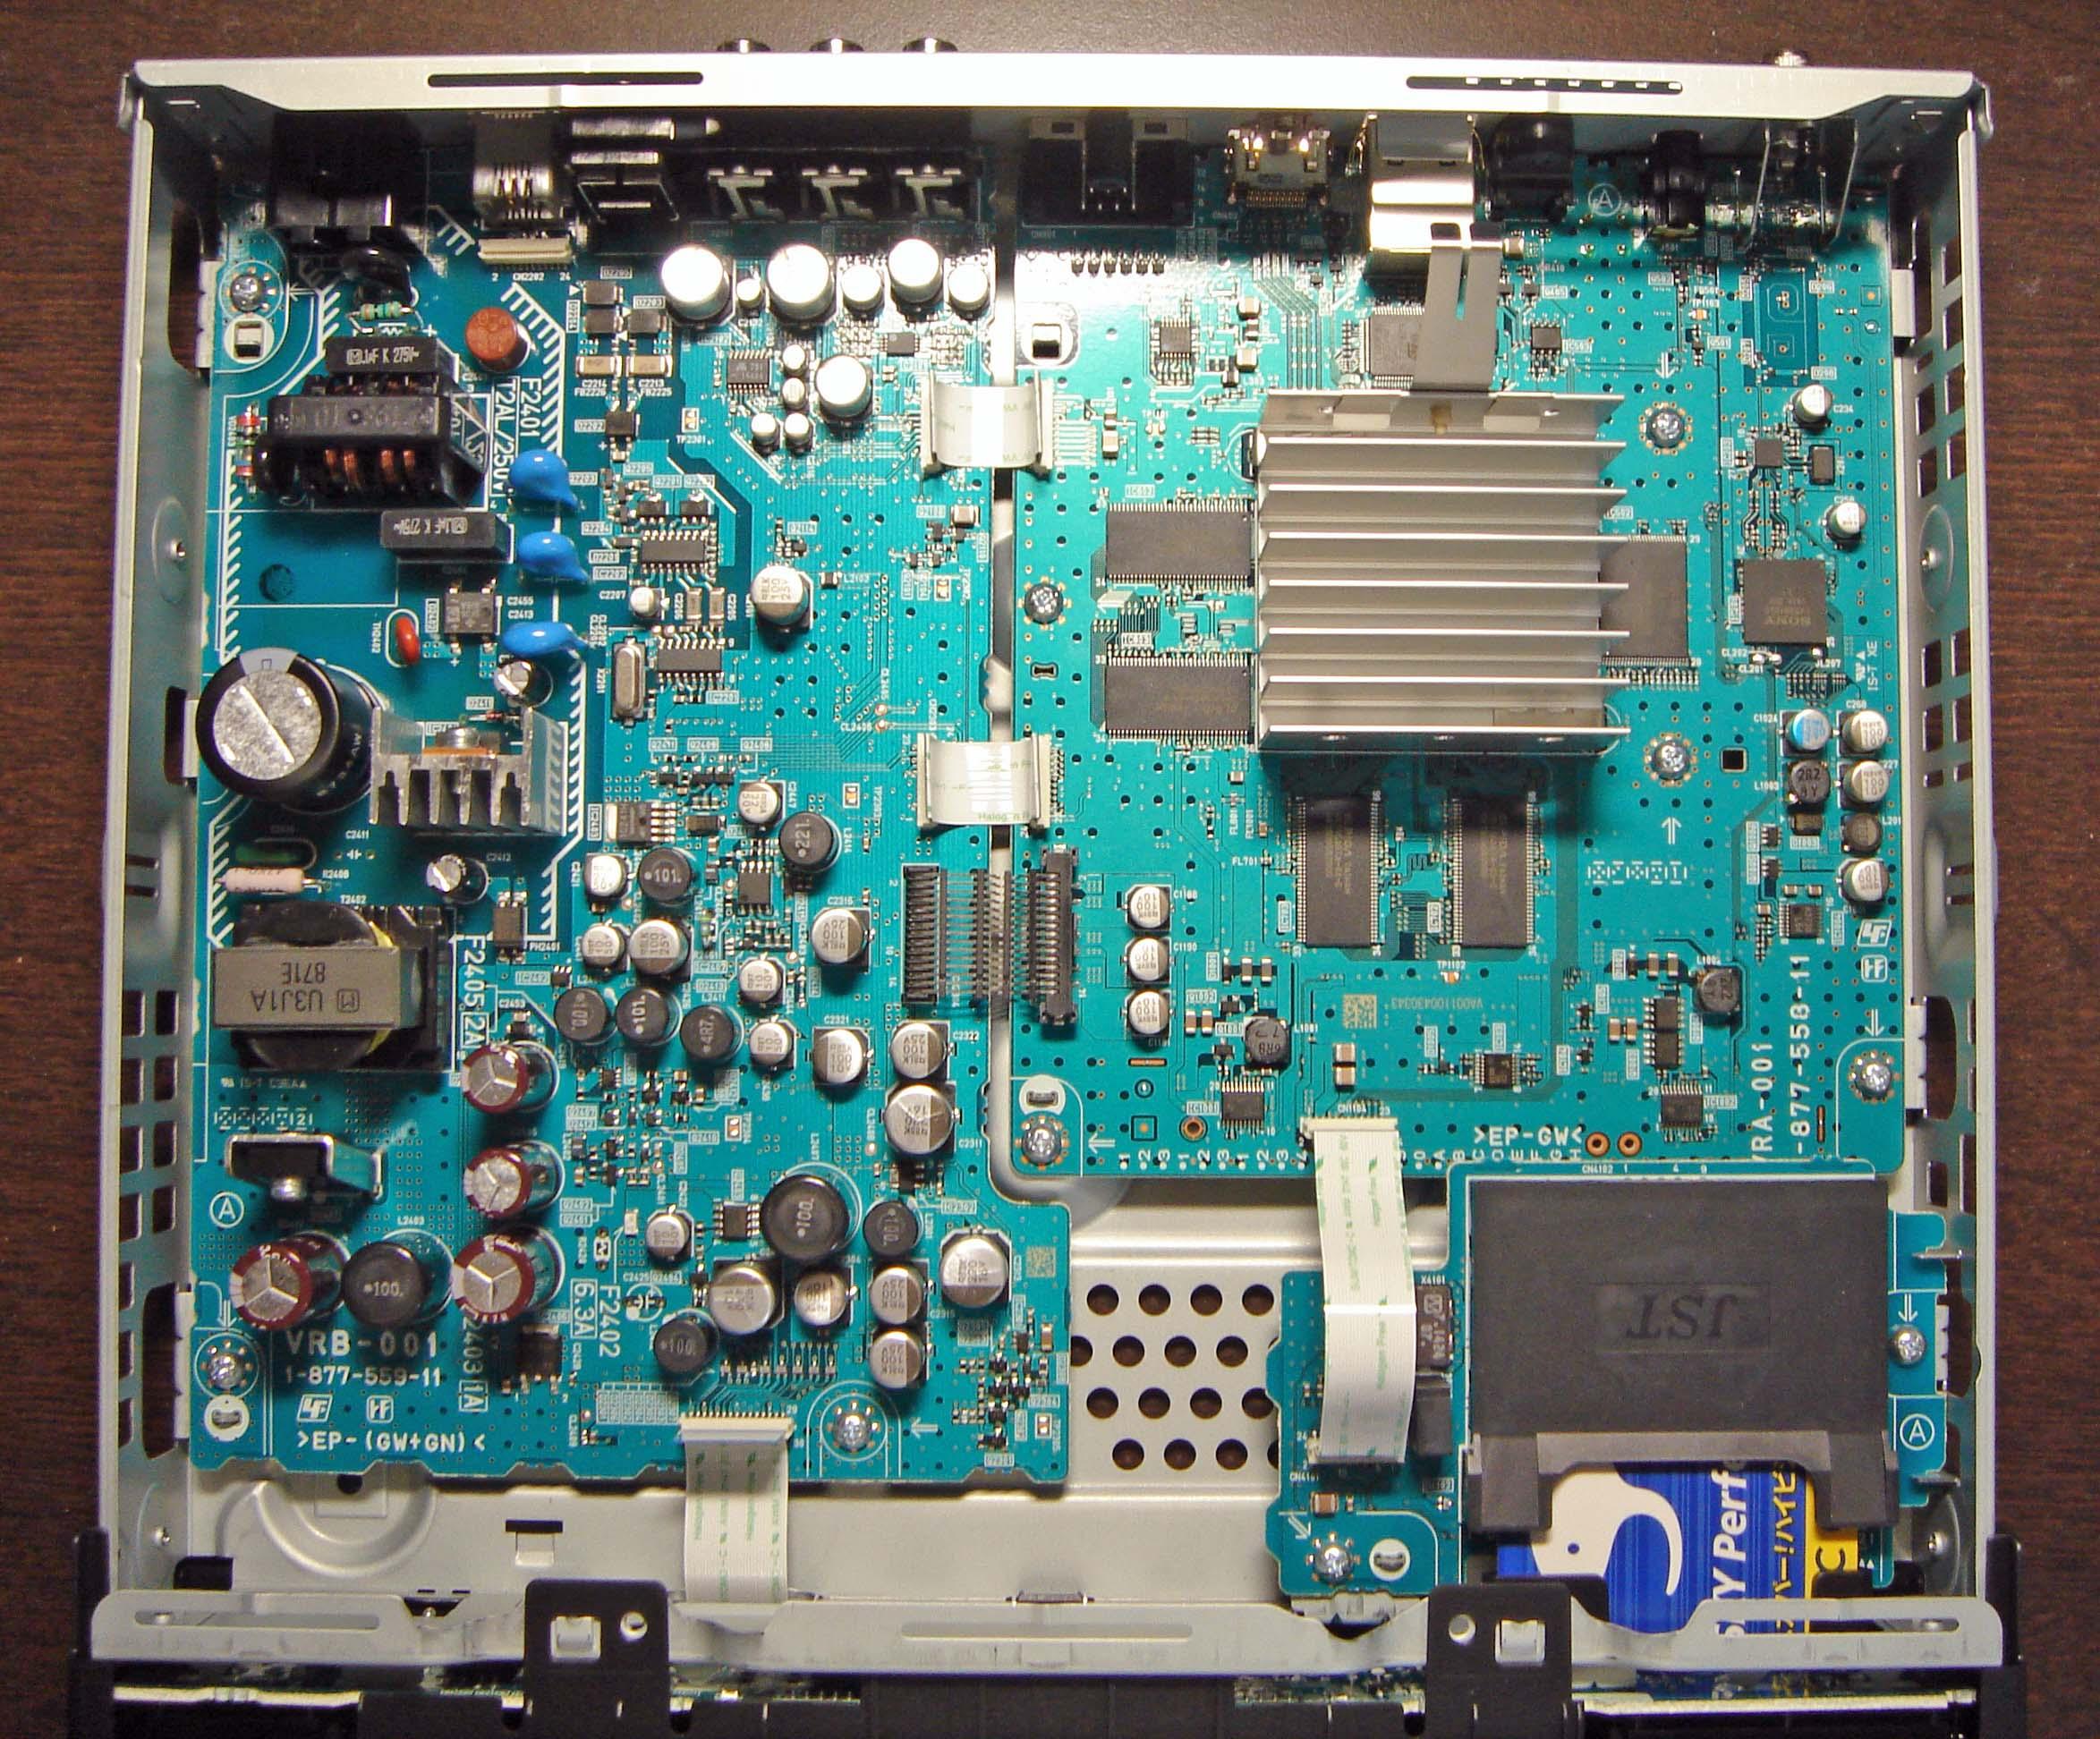 DST-HD1のカバーを開けたところ(クリックで拡大) 写真左側が電源部、右側が処理部となってい